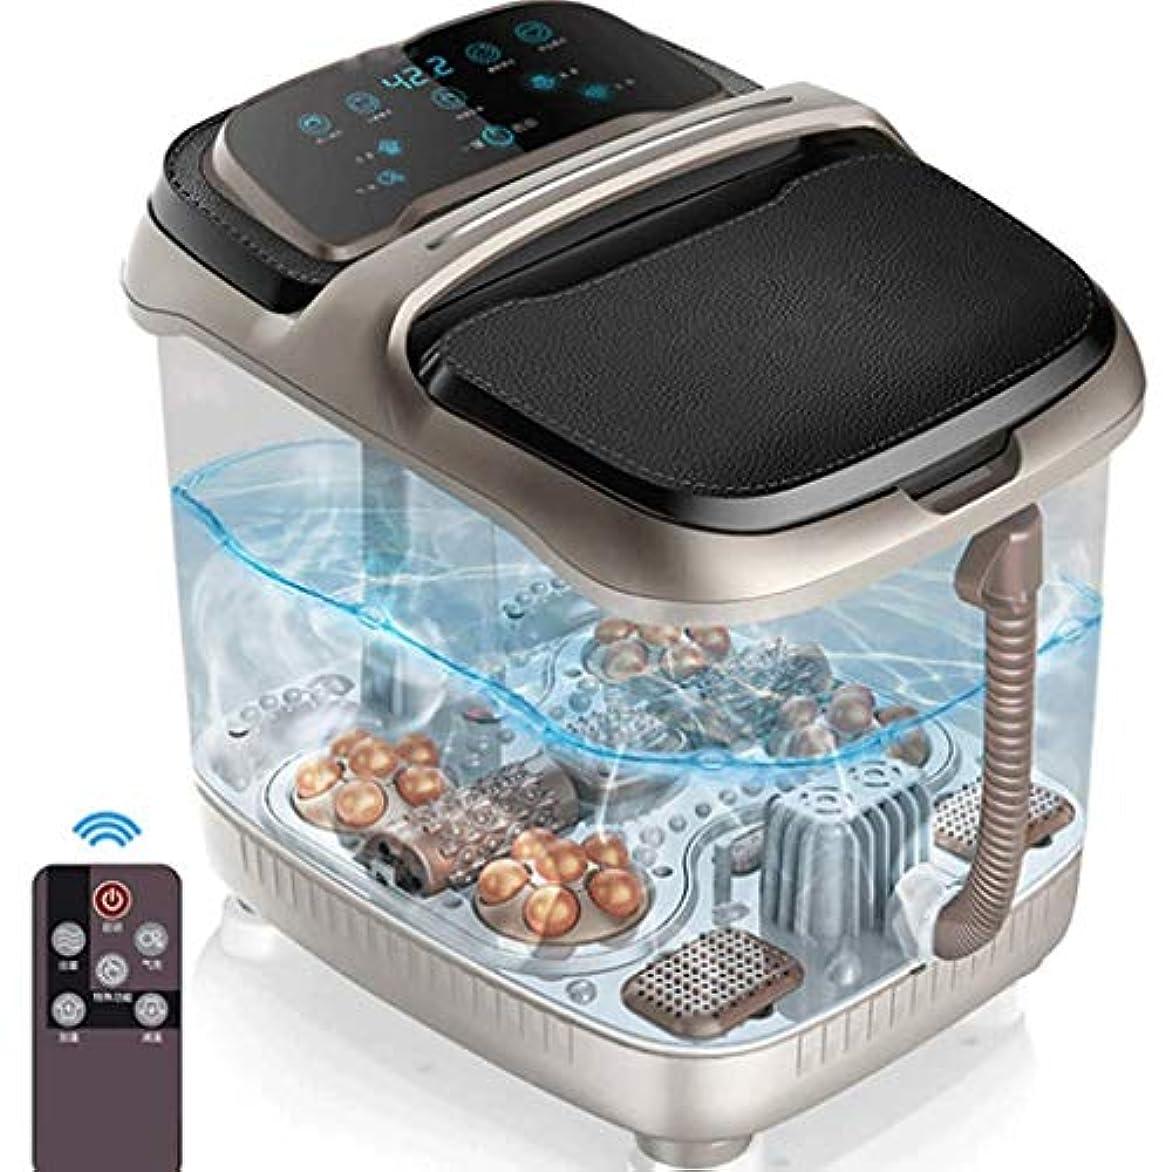 必要条件矩形必要としているLEIGE Foot Spa Massager - スーパーファストヒーティングシステム、4つの電動マッサージローラー、ささやく静かな、リモートコントロール付き浴槽